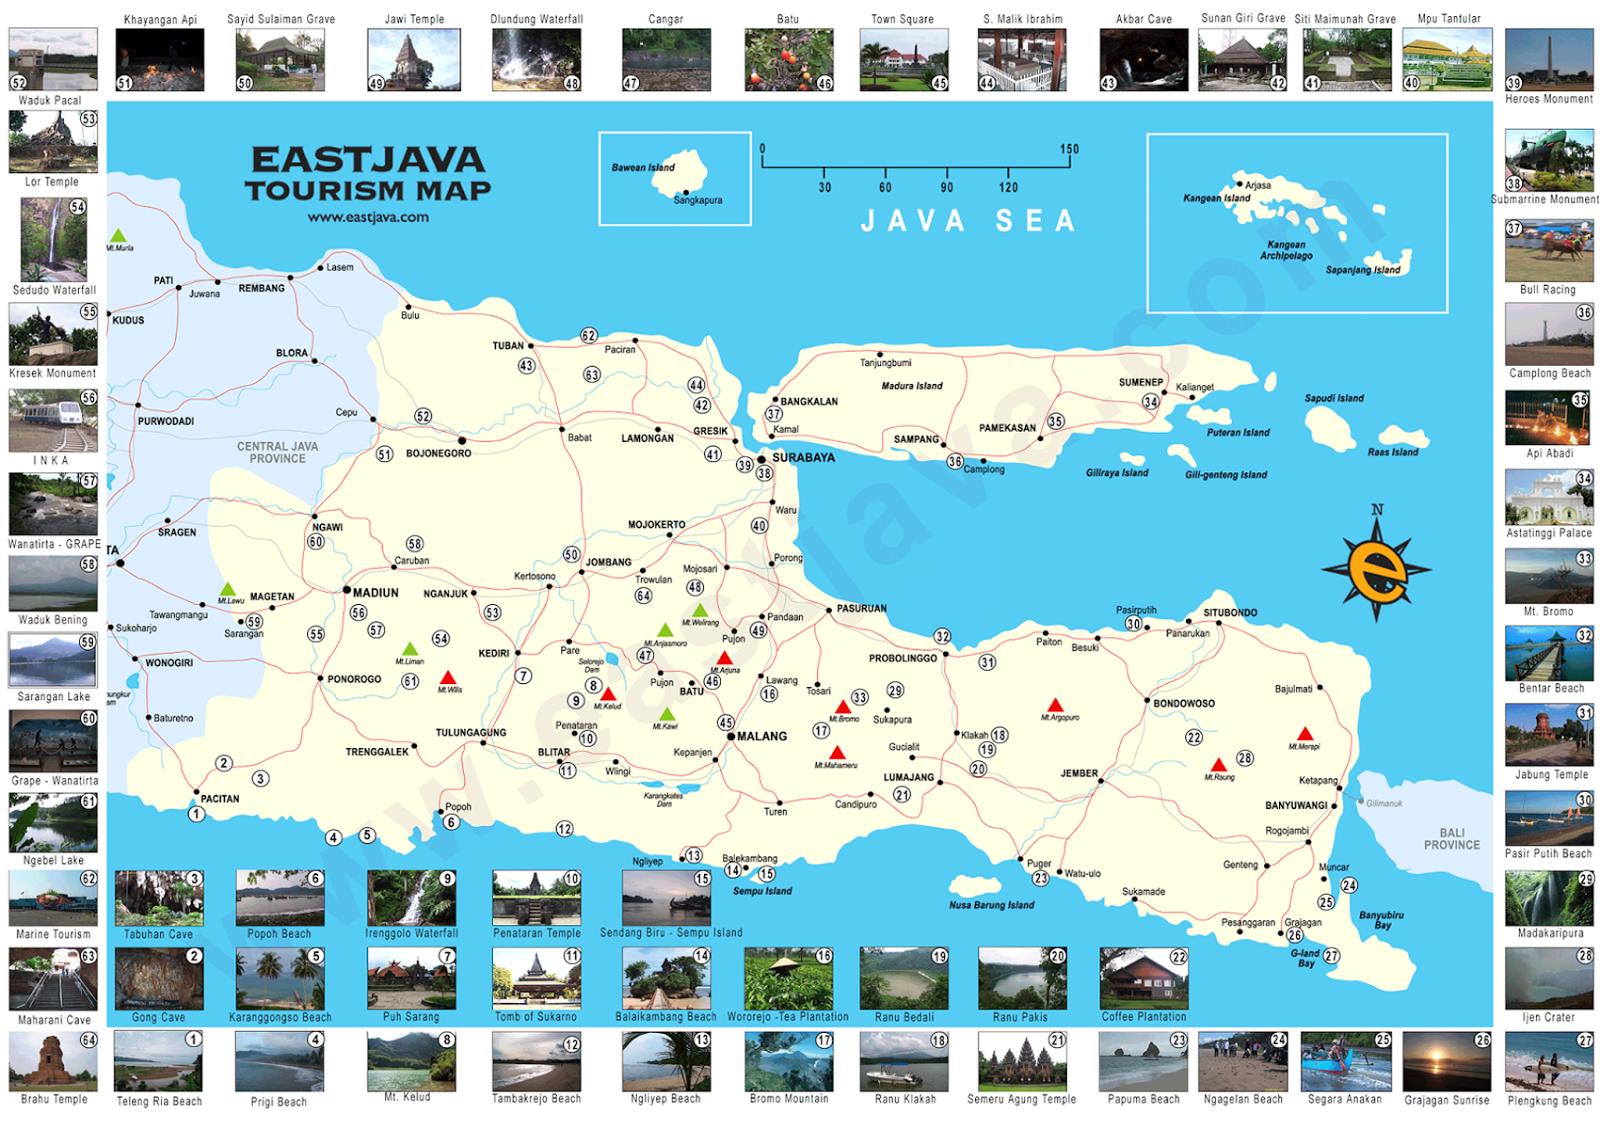 Tempat Wisata Terbaik di Jawa Timur